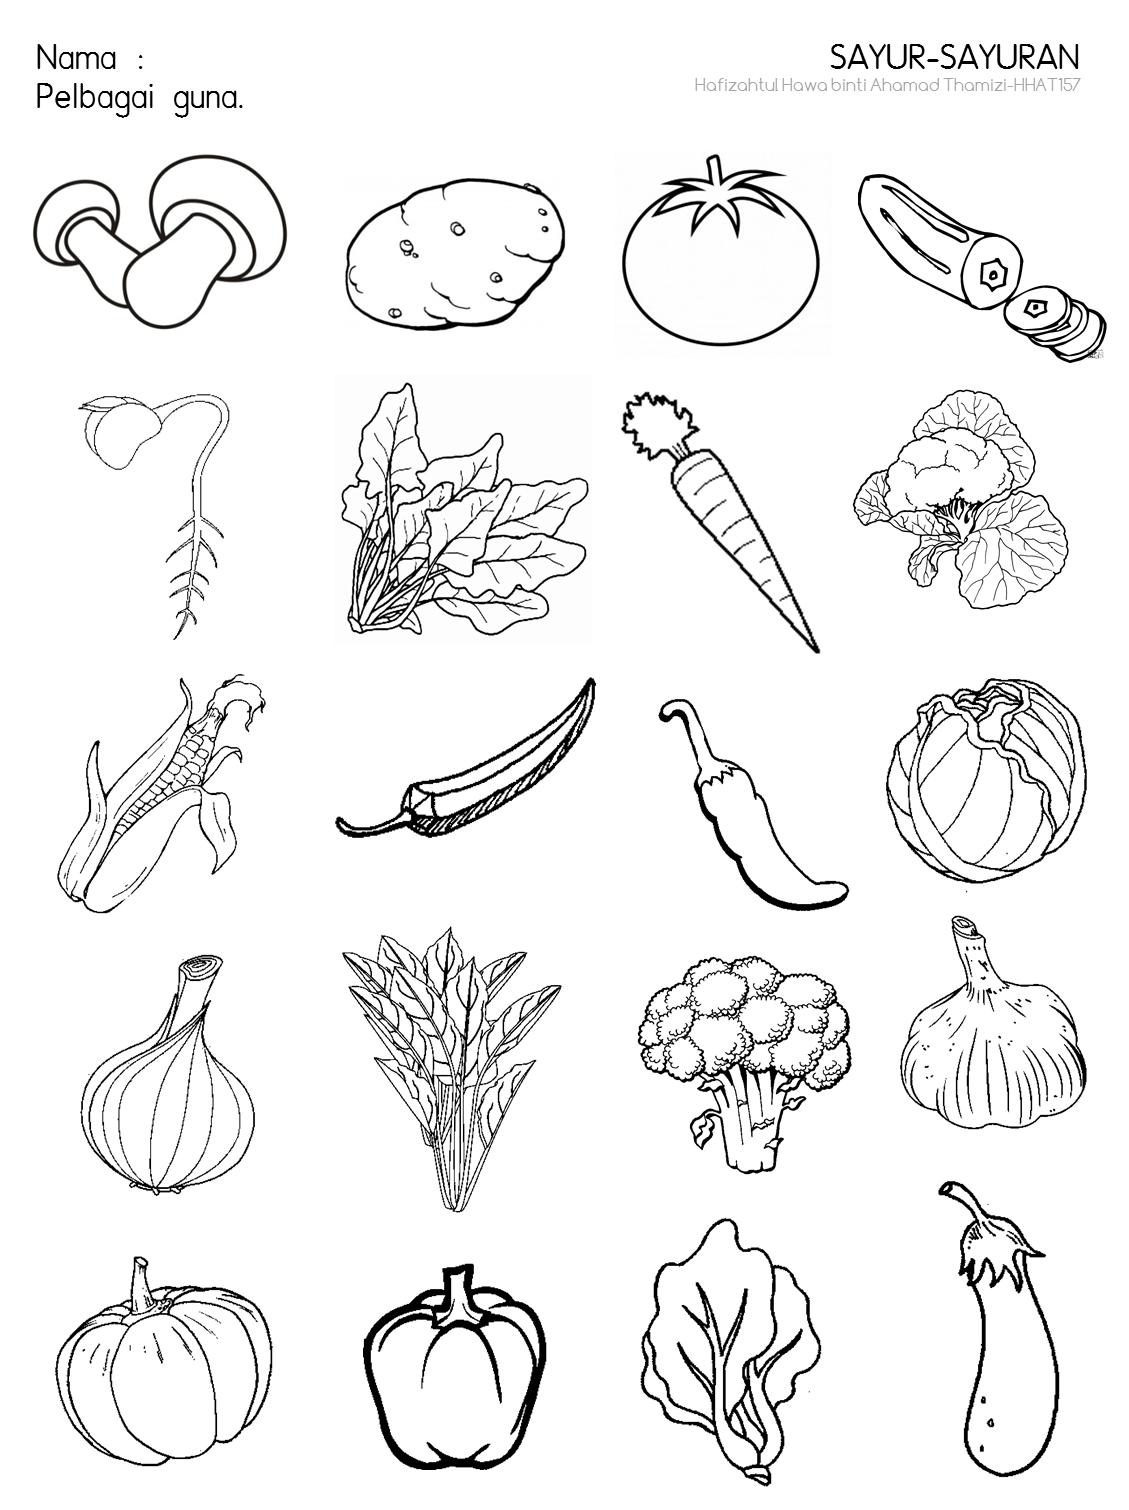 Cikgu Fieza Hhat157 Sayur Sayuran